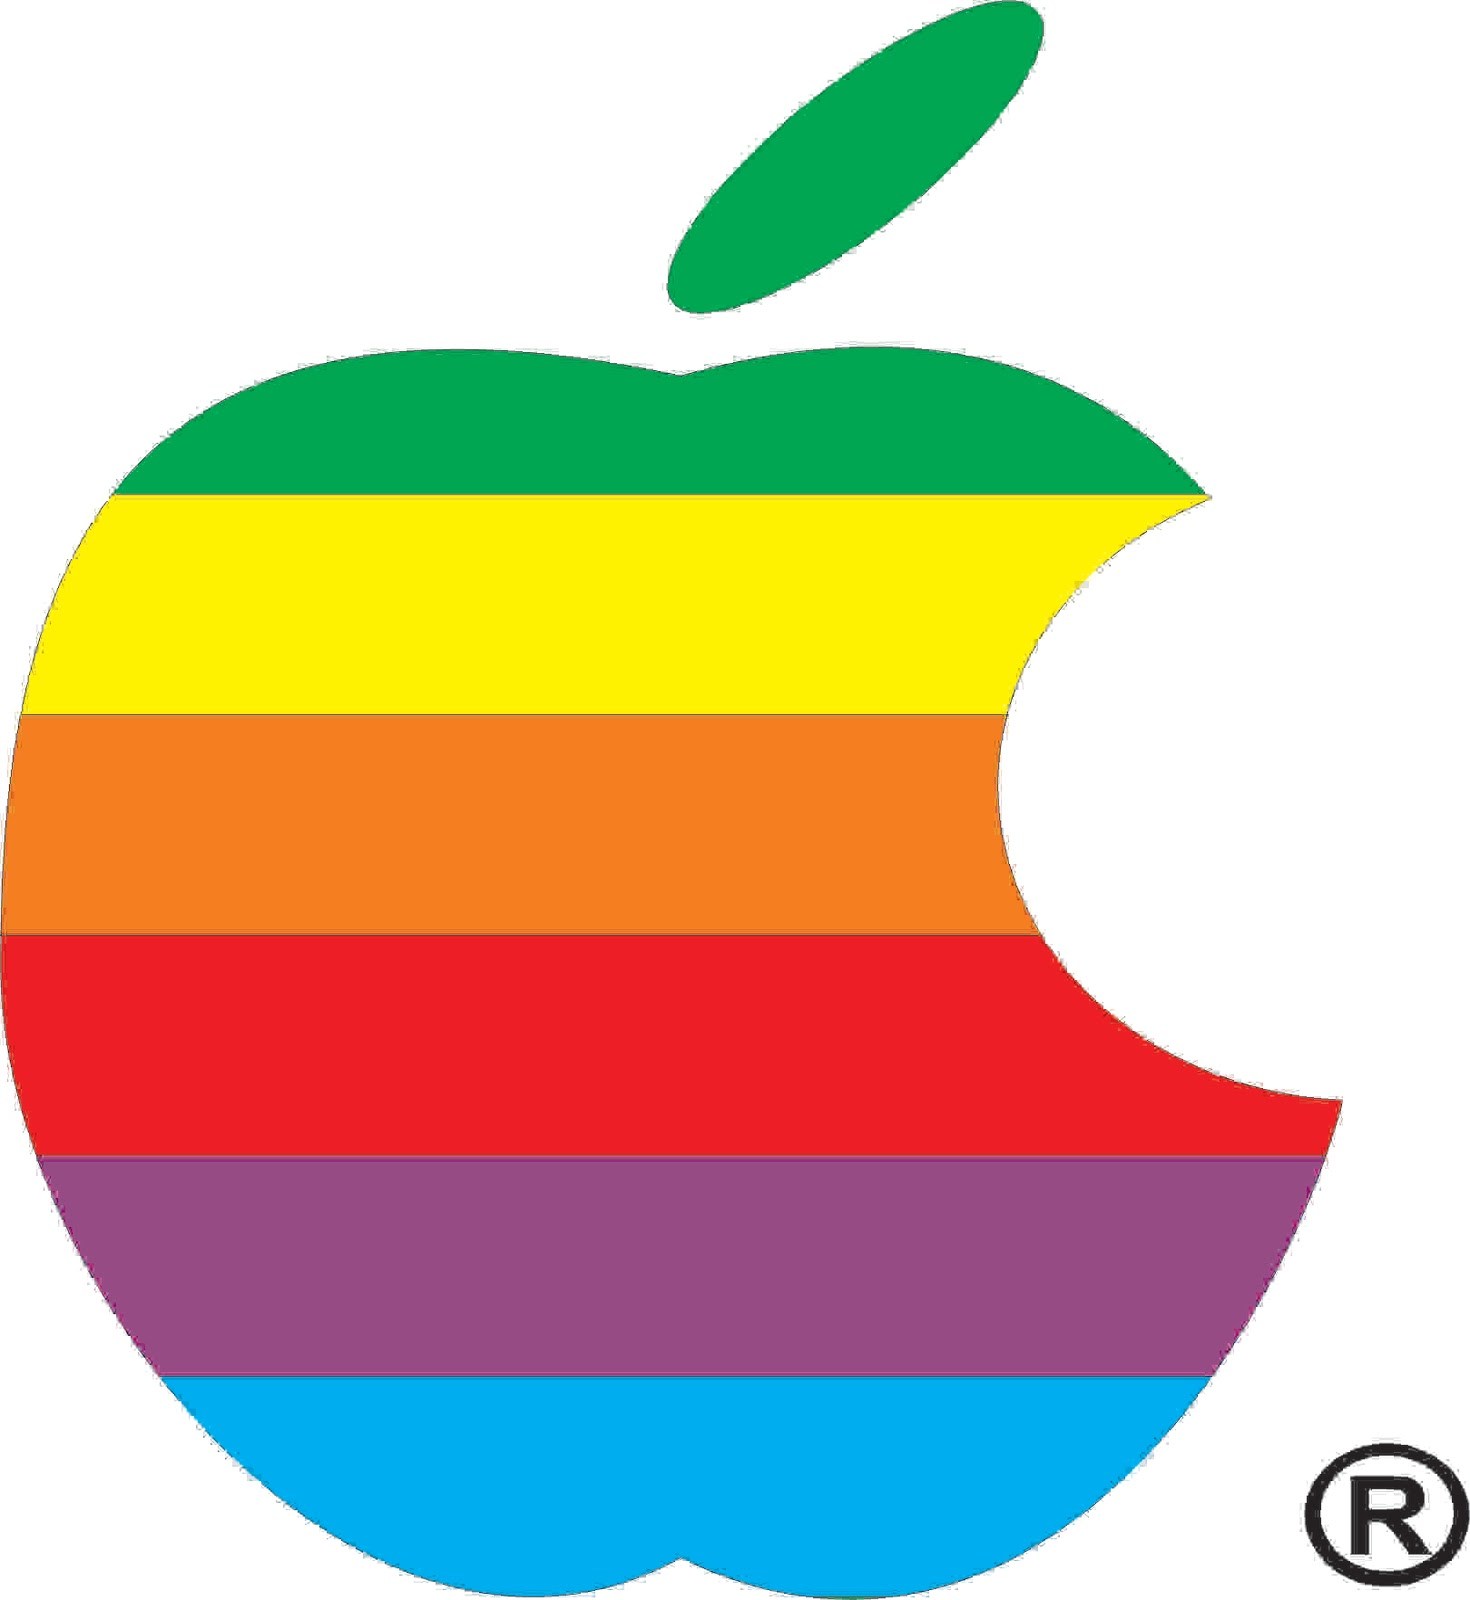 apple logo automotive car center automotive clip art free images automobile clip art images